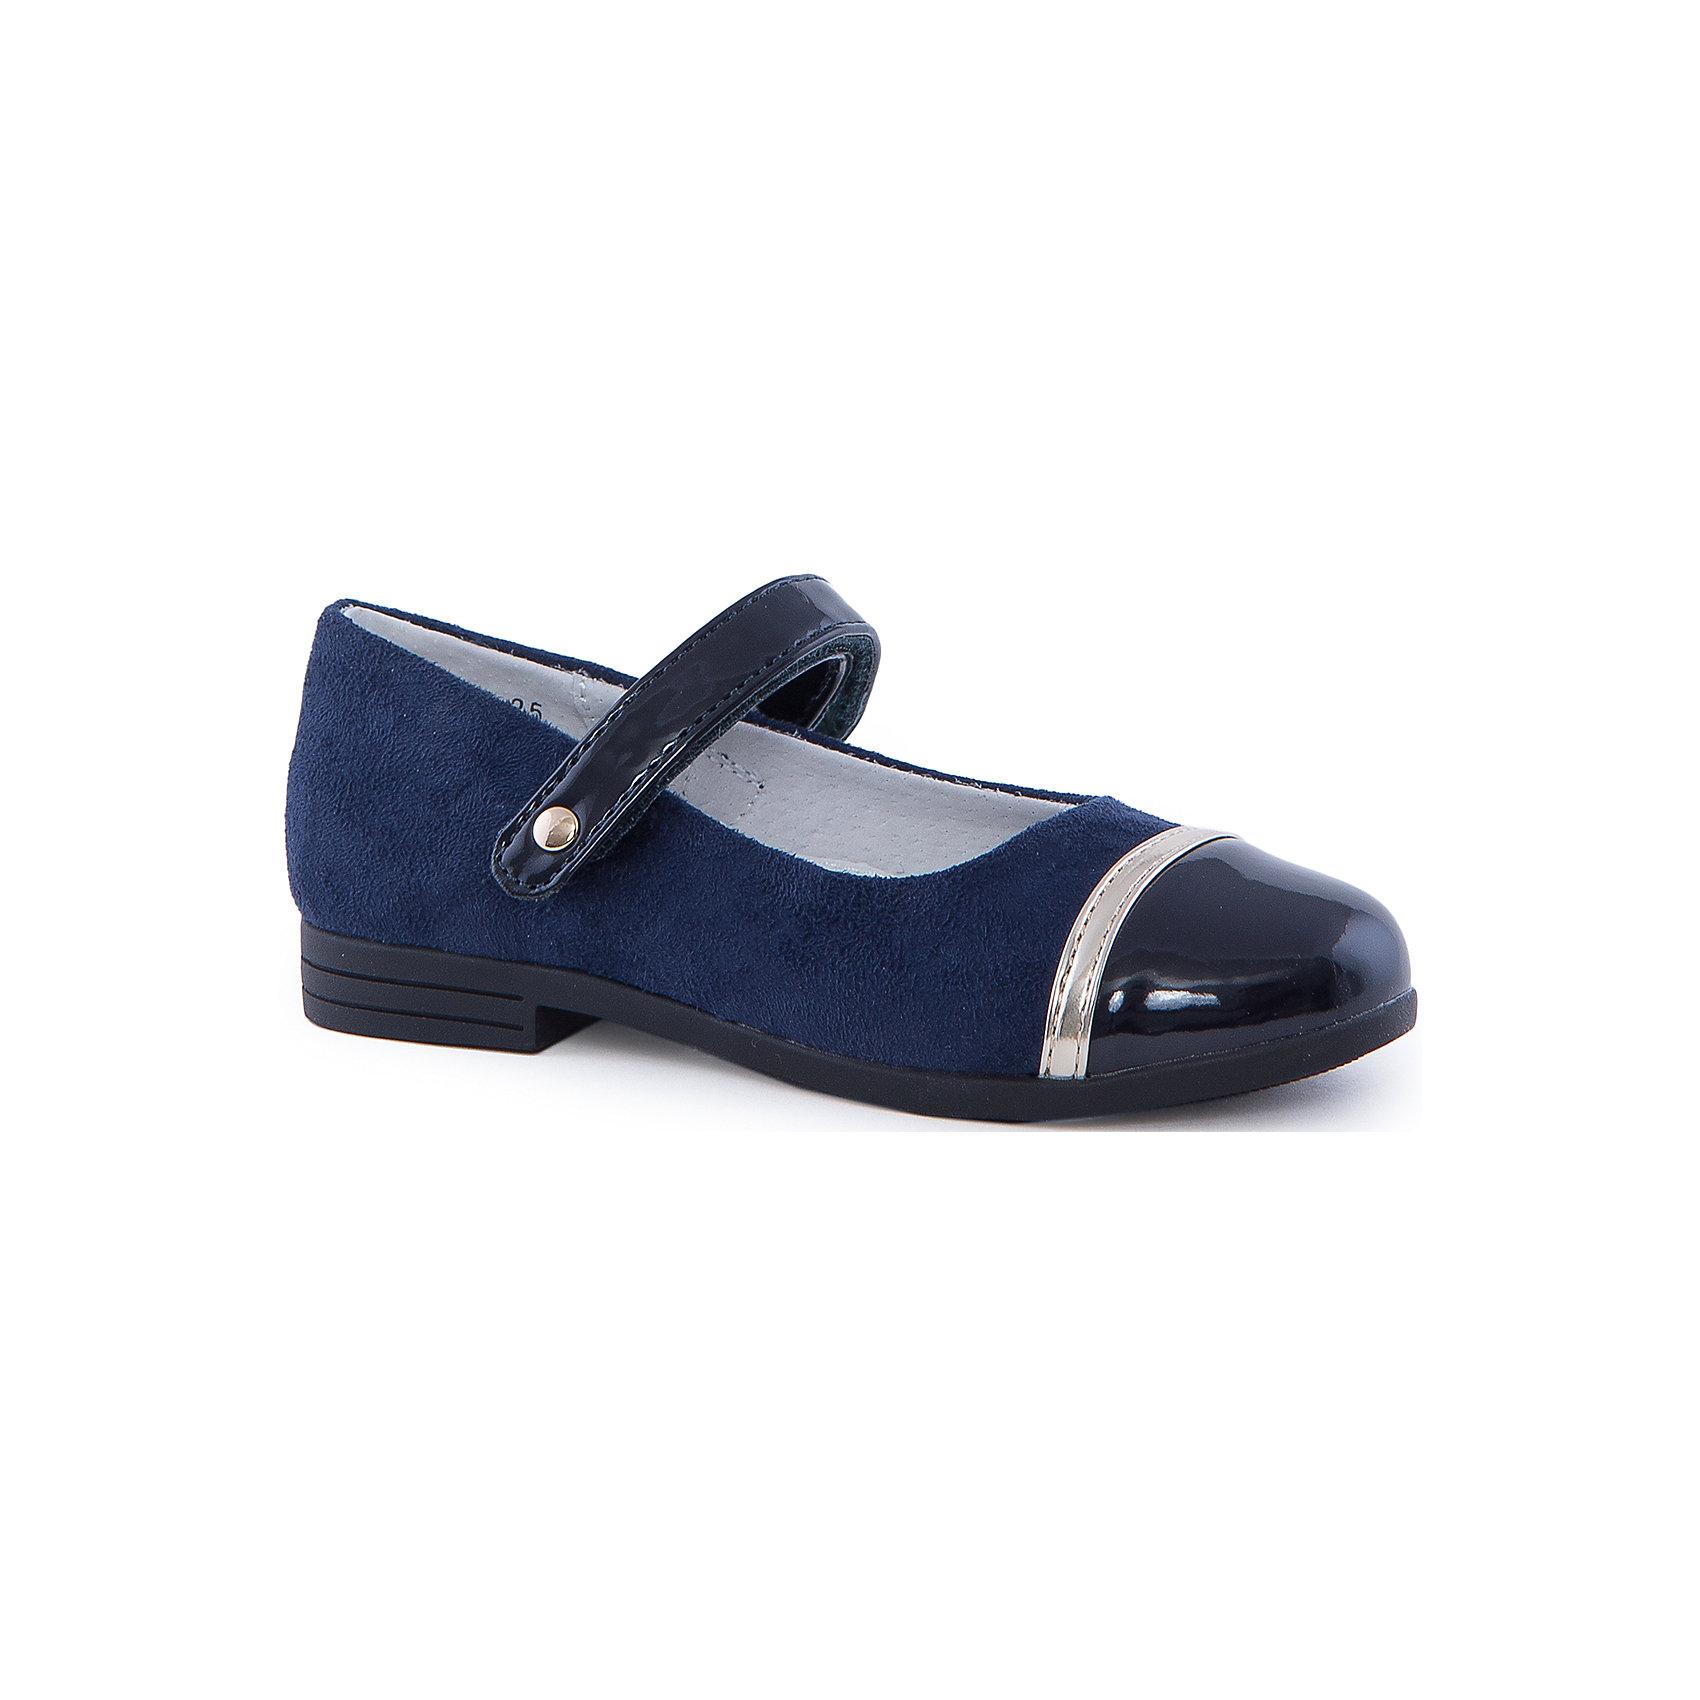 Туфли для девочки PlayTodayТуфли для девочки от известного бренда PlayToday.<br>Стильные туфли для девочек. Внутри мягкая полуортопедическая стелька. Легкая и гибкая подошва с рифлением. Наполненная носочная часть и твердый задник способствуют правильному формированию стопы. <br>Состав:<br>100% Искусственная кожа<br><br>Ширина мм: 227<br>Глубина мм: 145<br>Высота мм: 124<br>Вес г: 325<br>Цвет: синий<br>Возраст от месяцев: 24<br>Возраст до месяцев: 36<br>Пол: Женский<br>Возраст: Детский<br>Размер: 27,25,28,30,29,26<br>SKU: 4897352